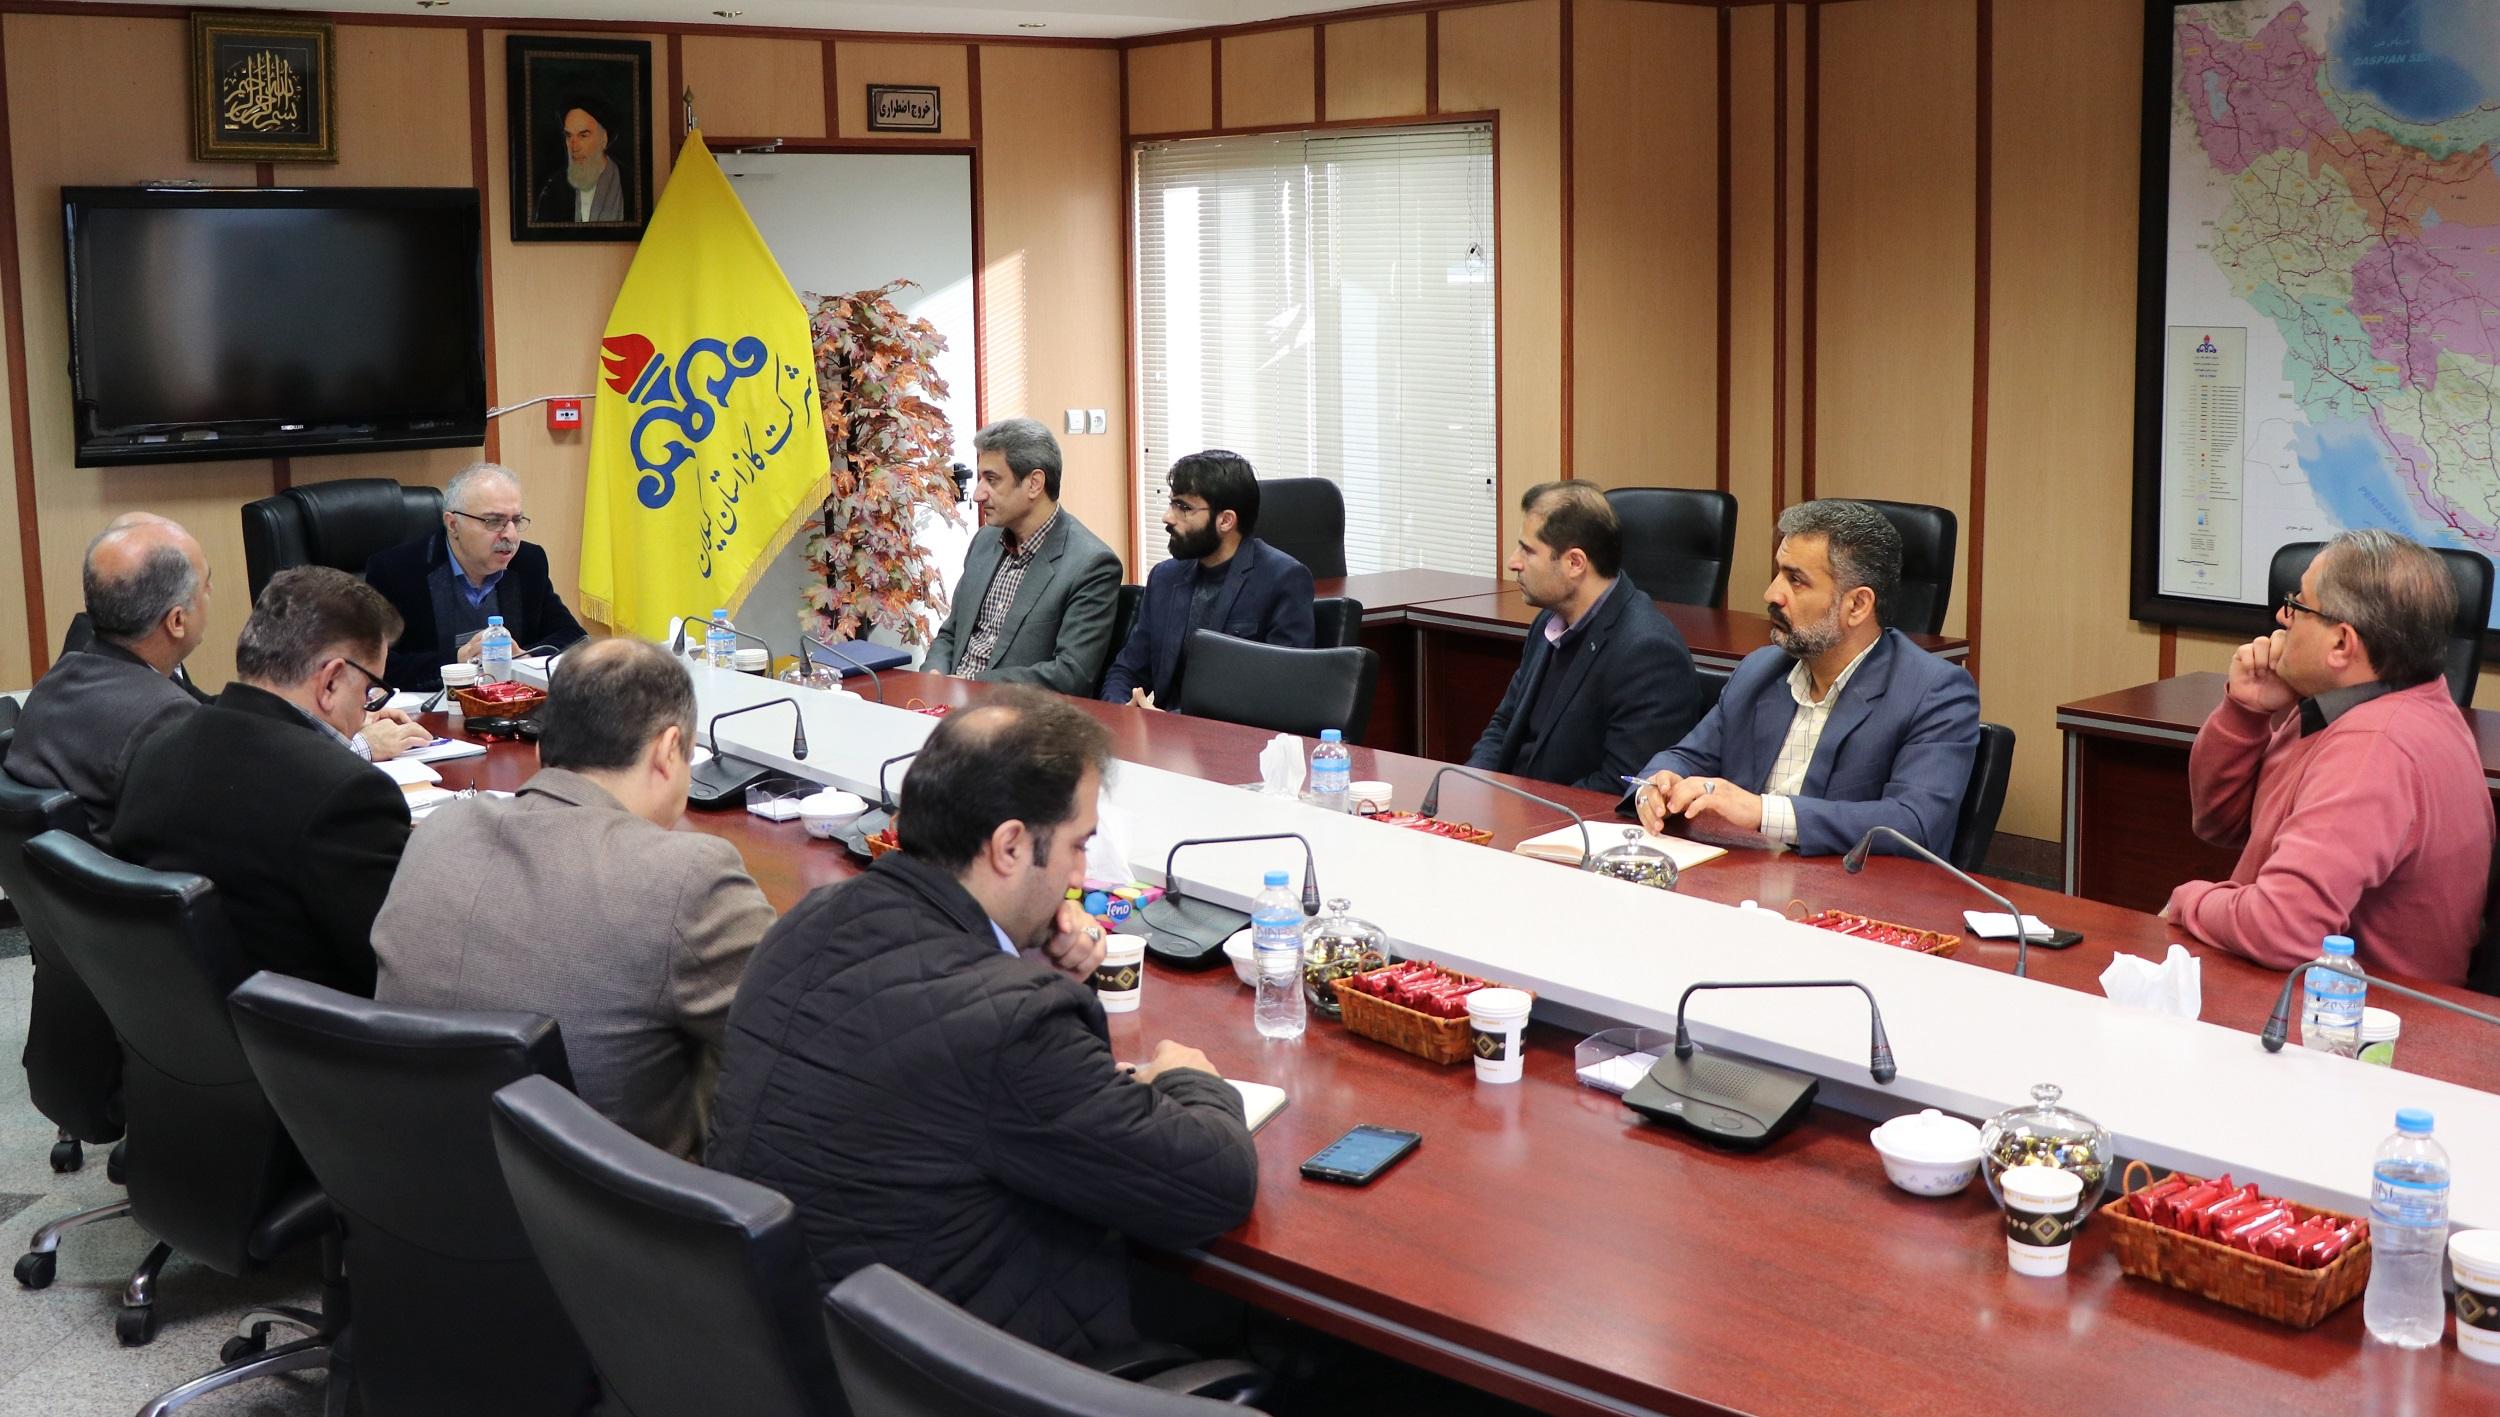 دیدار رئیس مرکز مدیریت راهبردی افتا در گیلان با مدیرعامل شرکت گاز